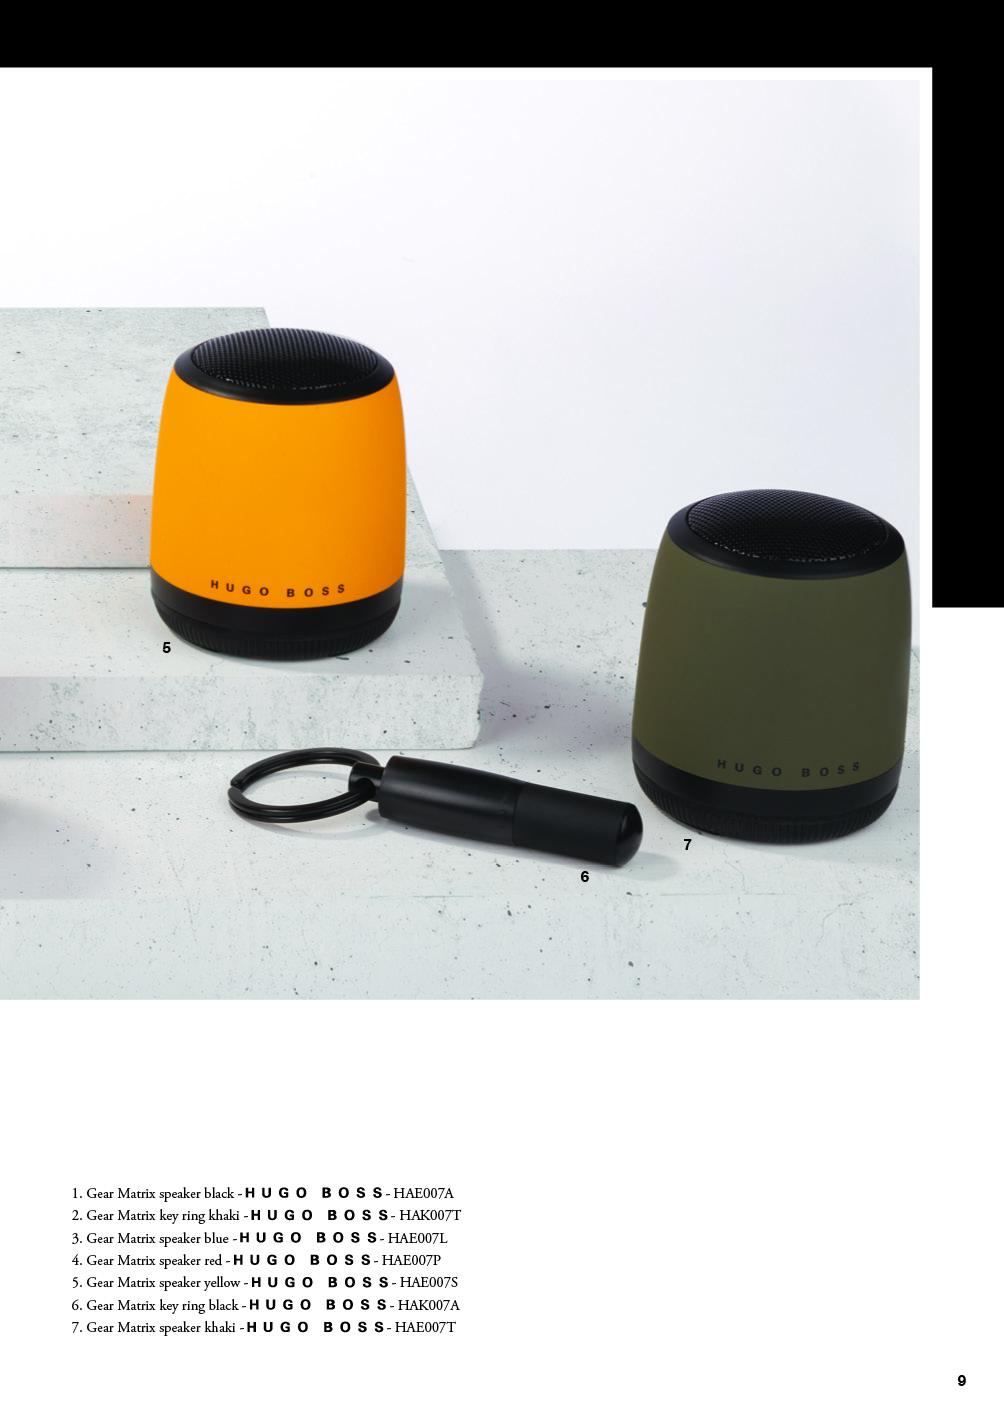 Lautsprecher Gear Matrix Red